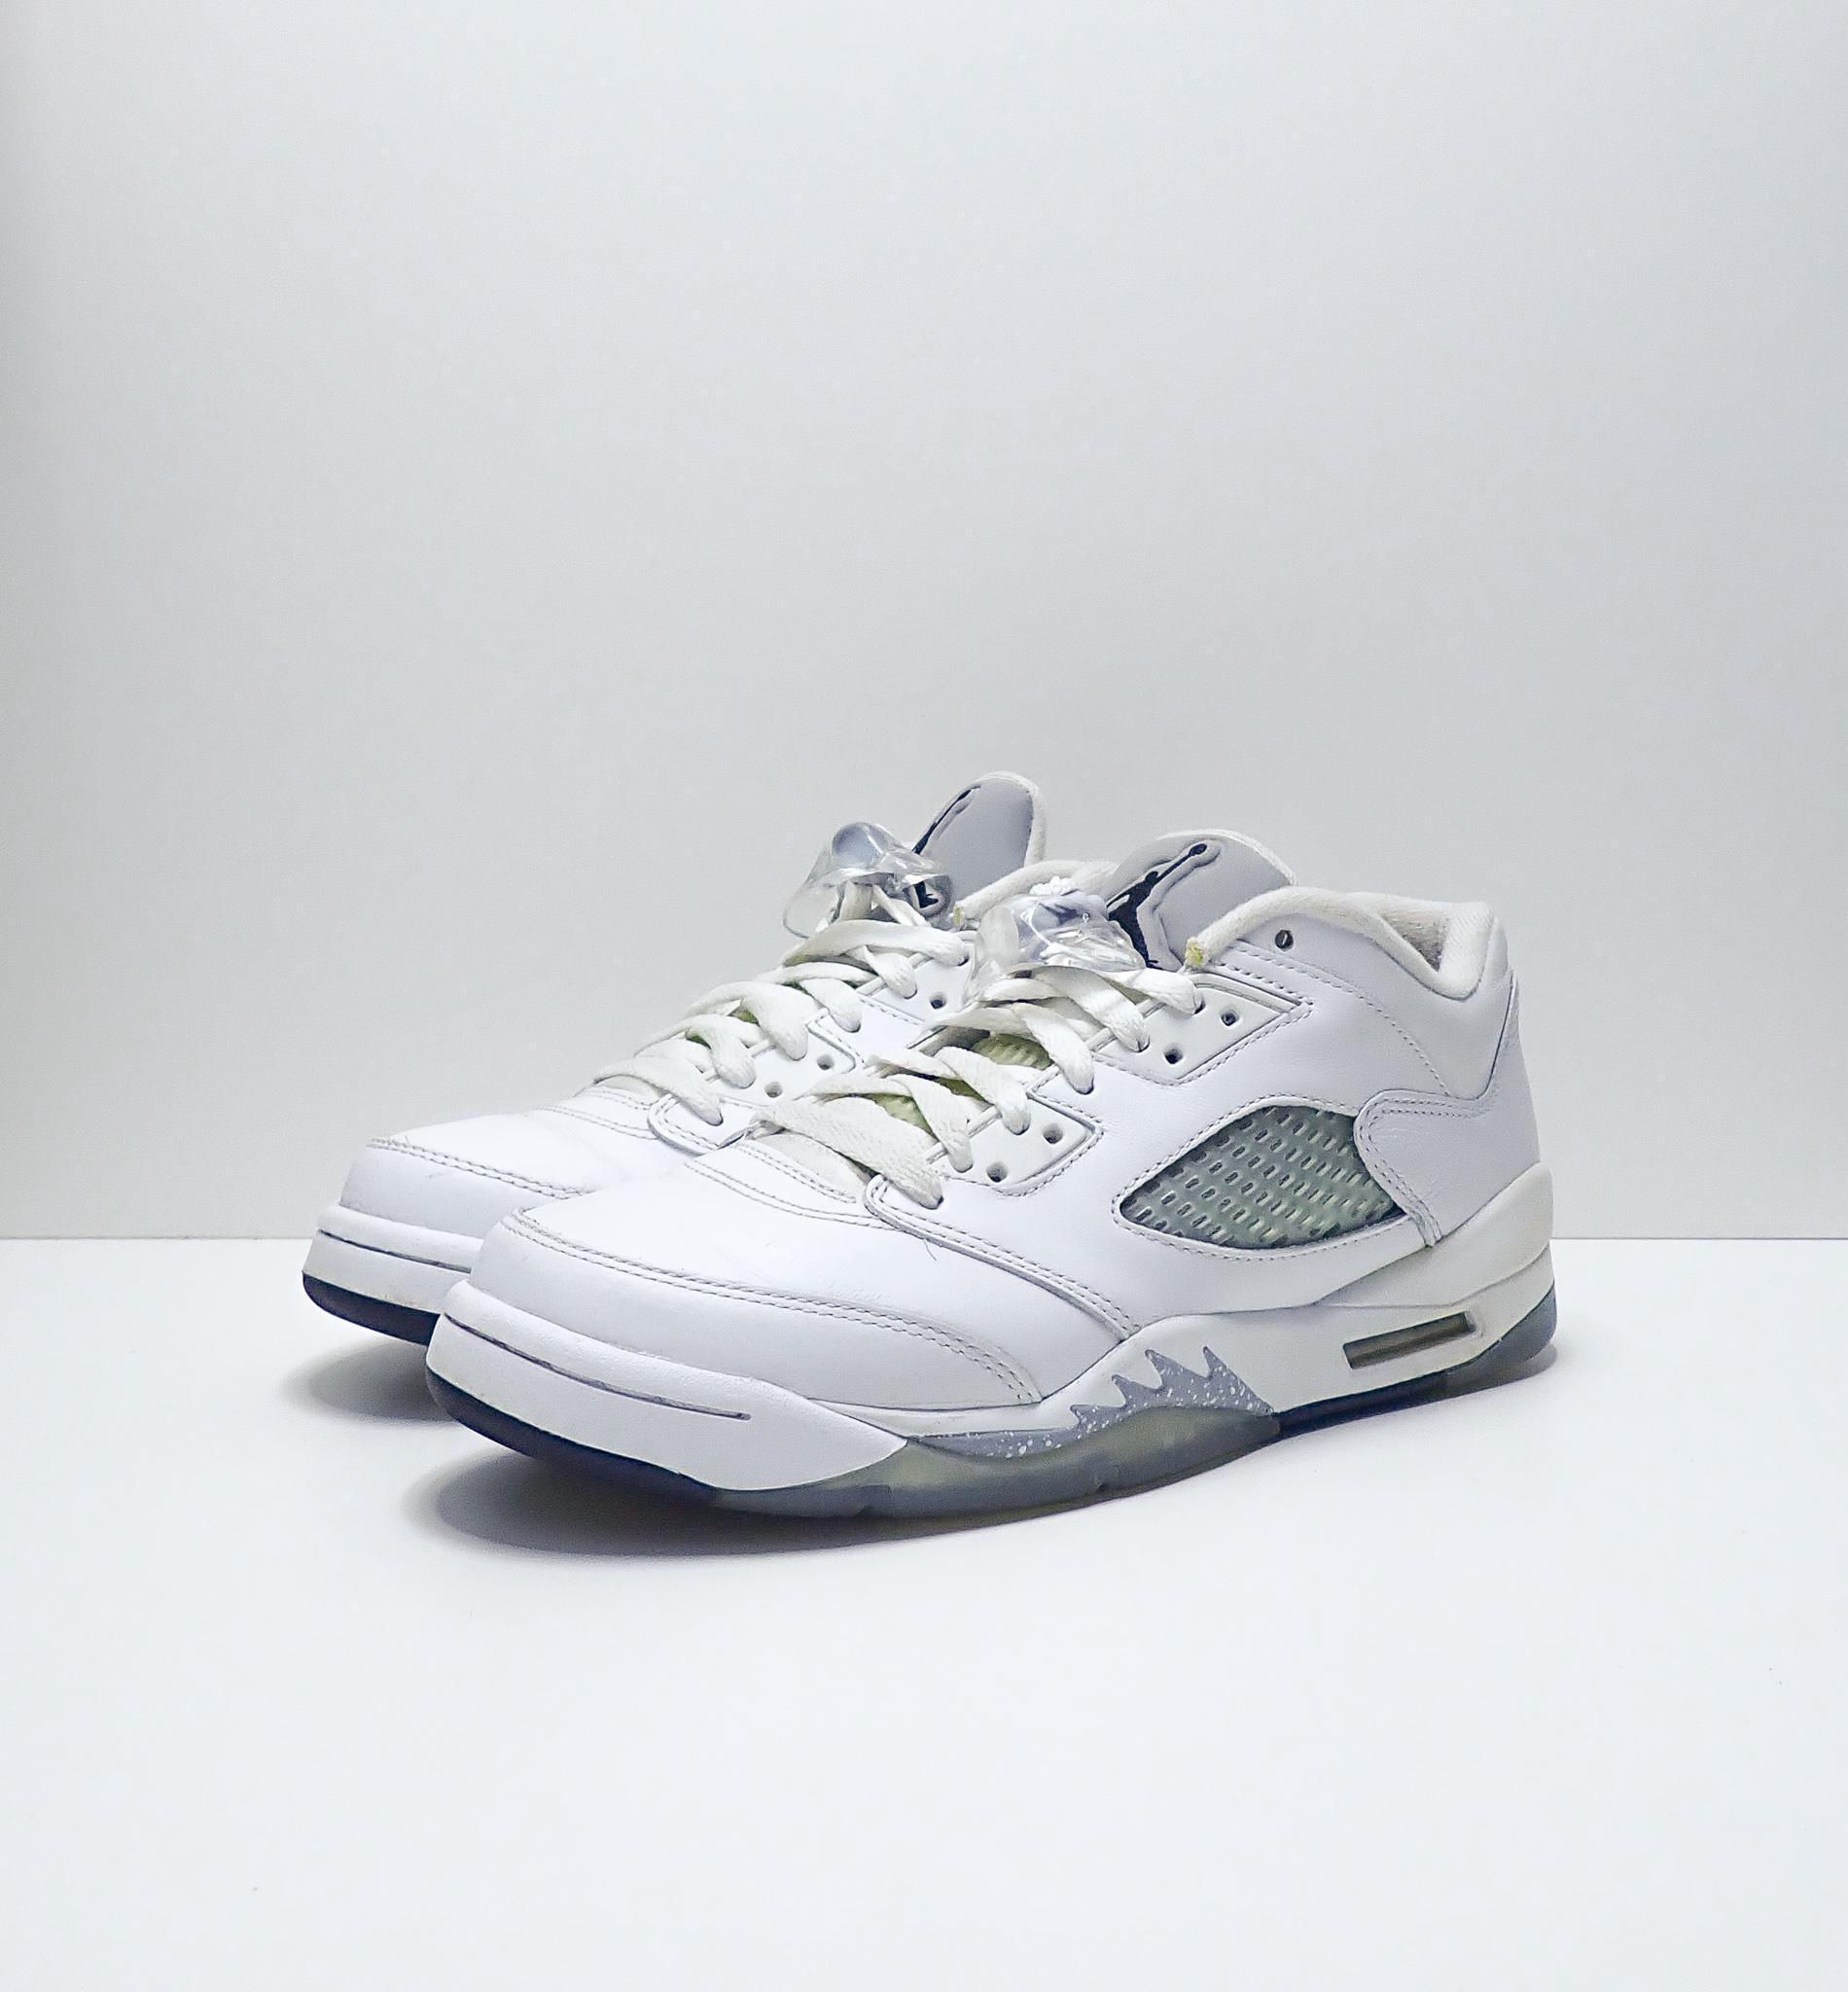 Jordan 5 Retro Low Wolf Grey